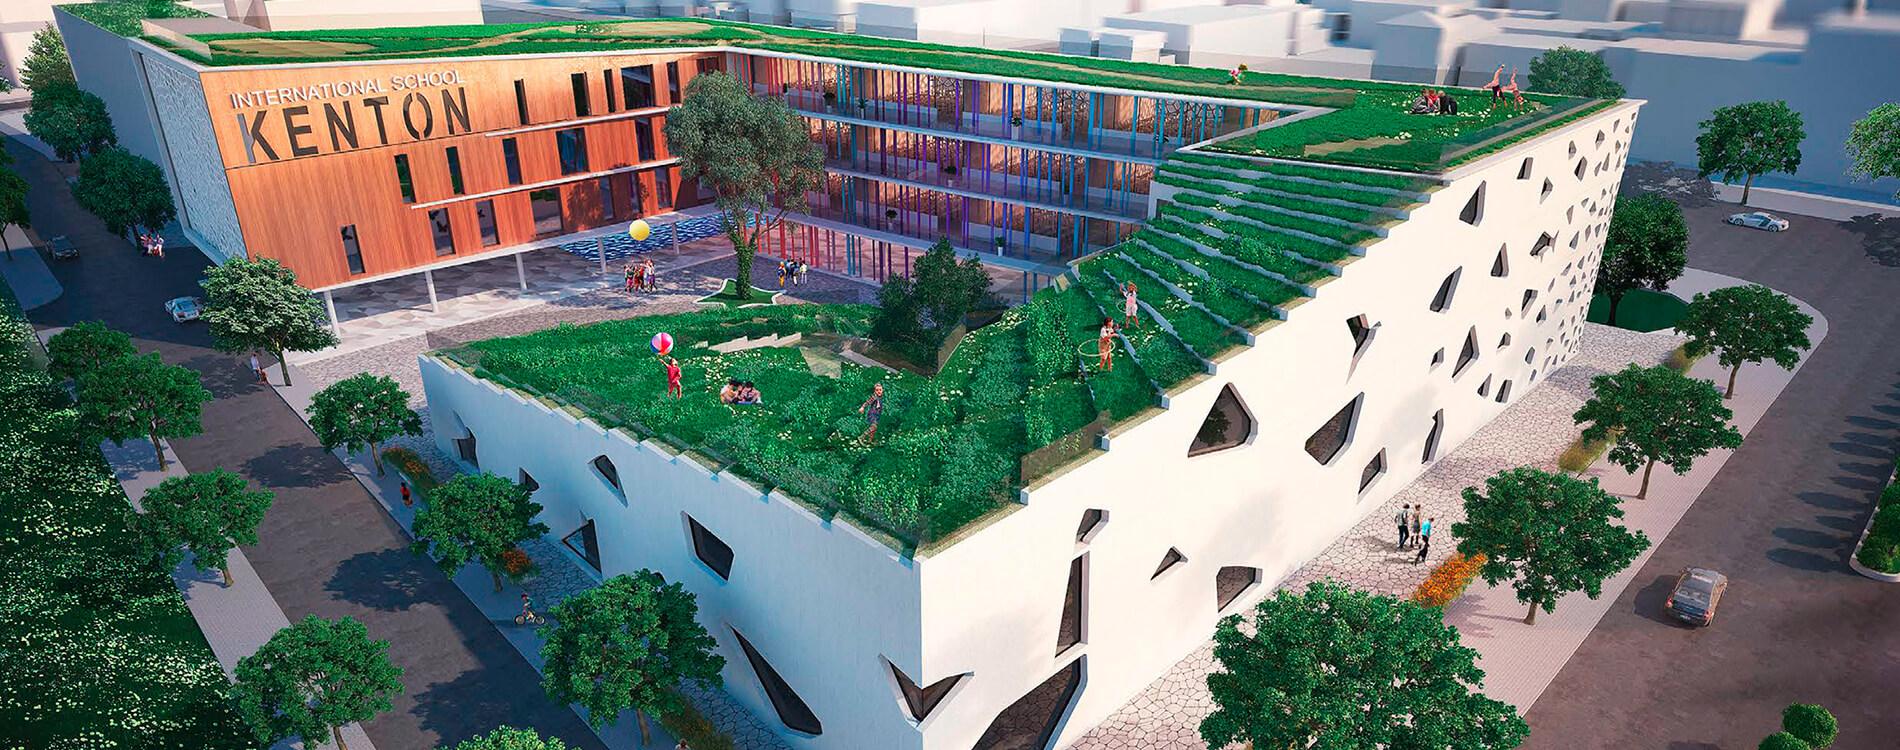 Khu trường học Kenton tiêu chuẩn xanh quốc tế